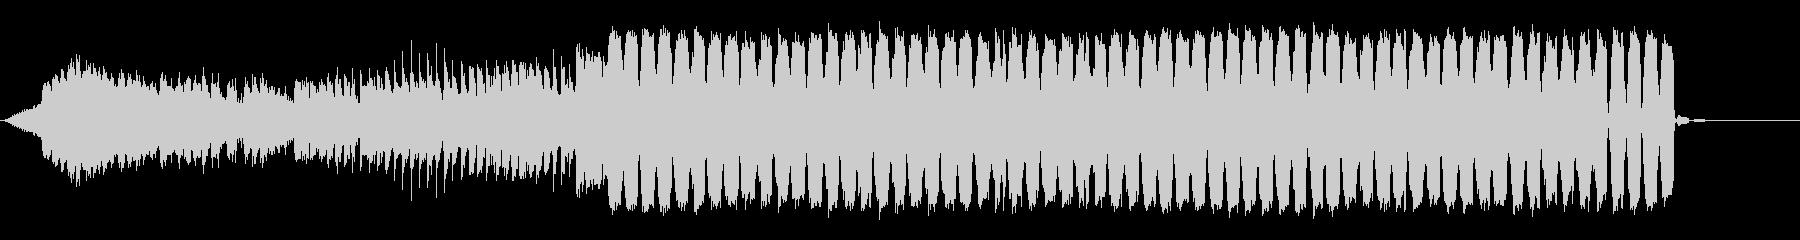 ハッピーエンドなフューチャーポップの未再生の波形